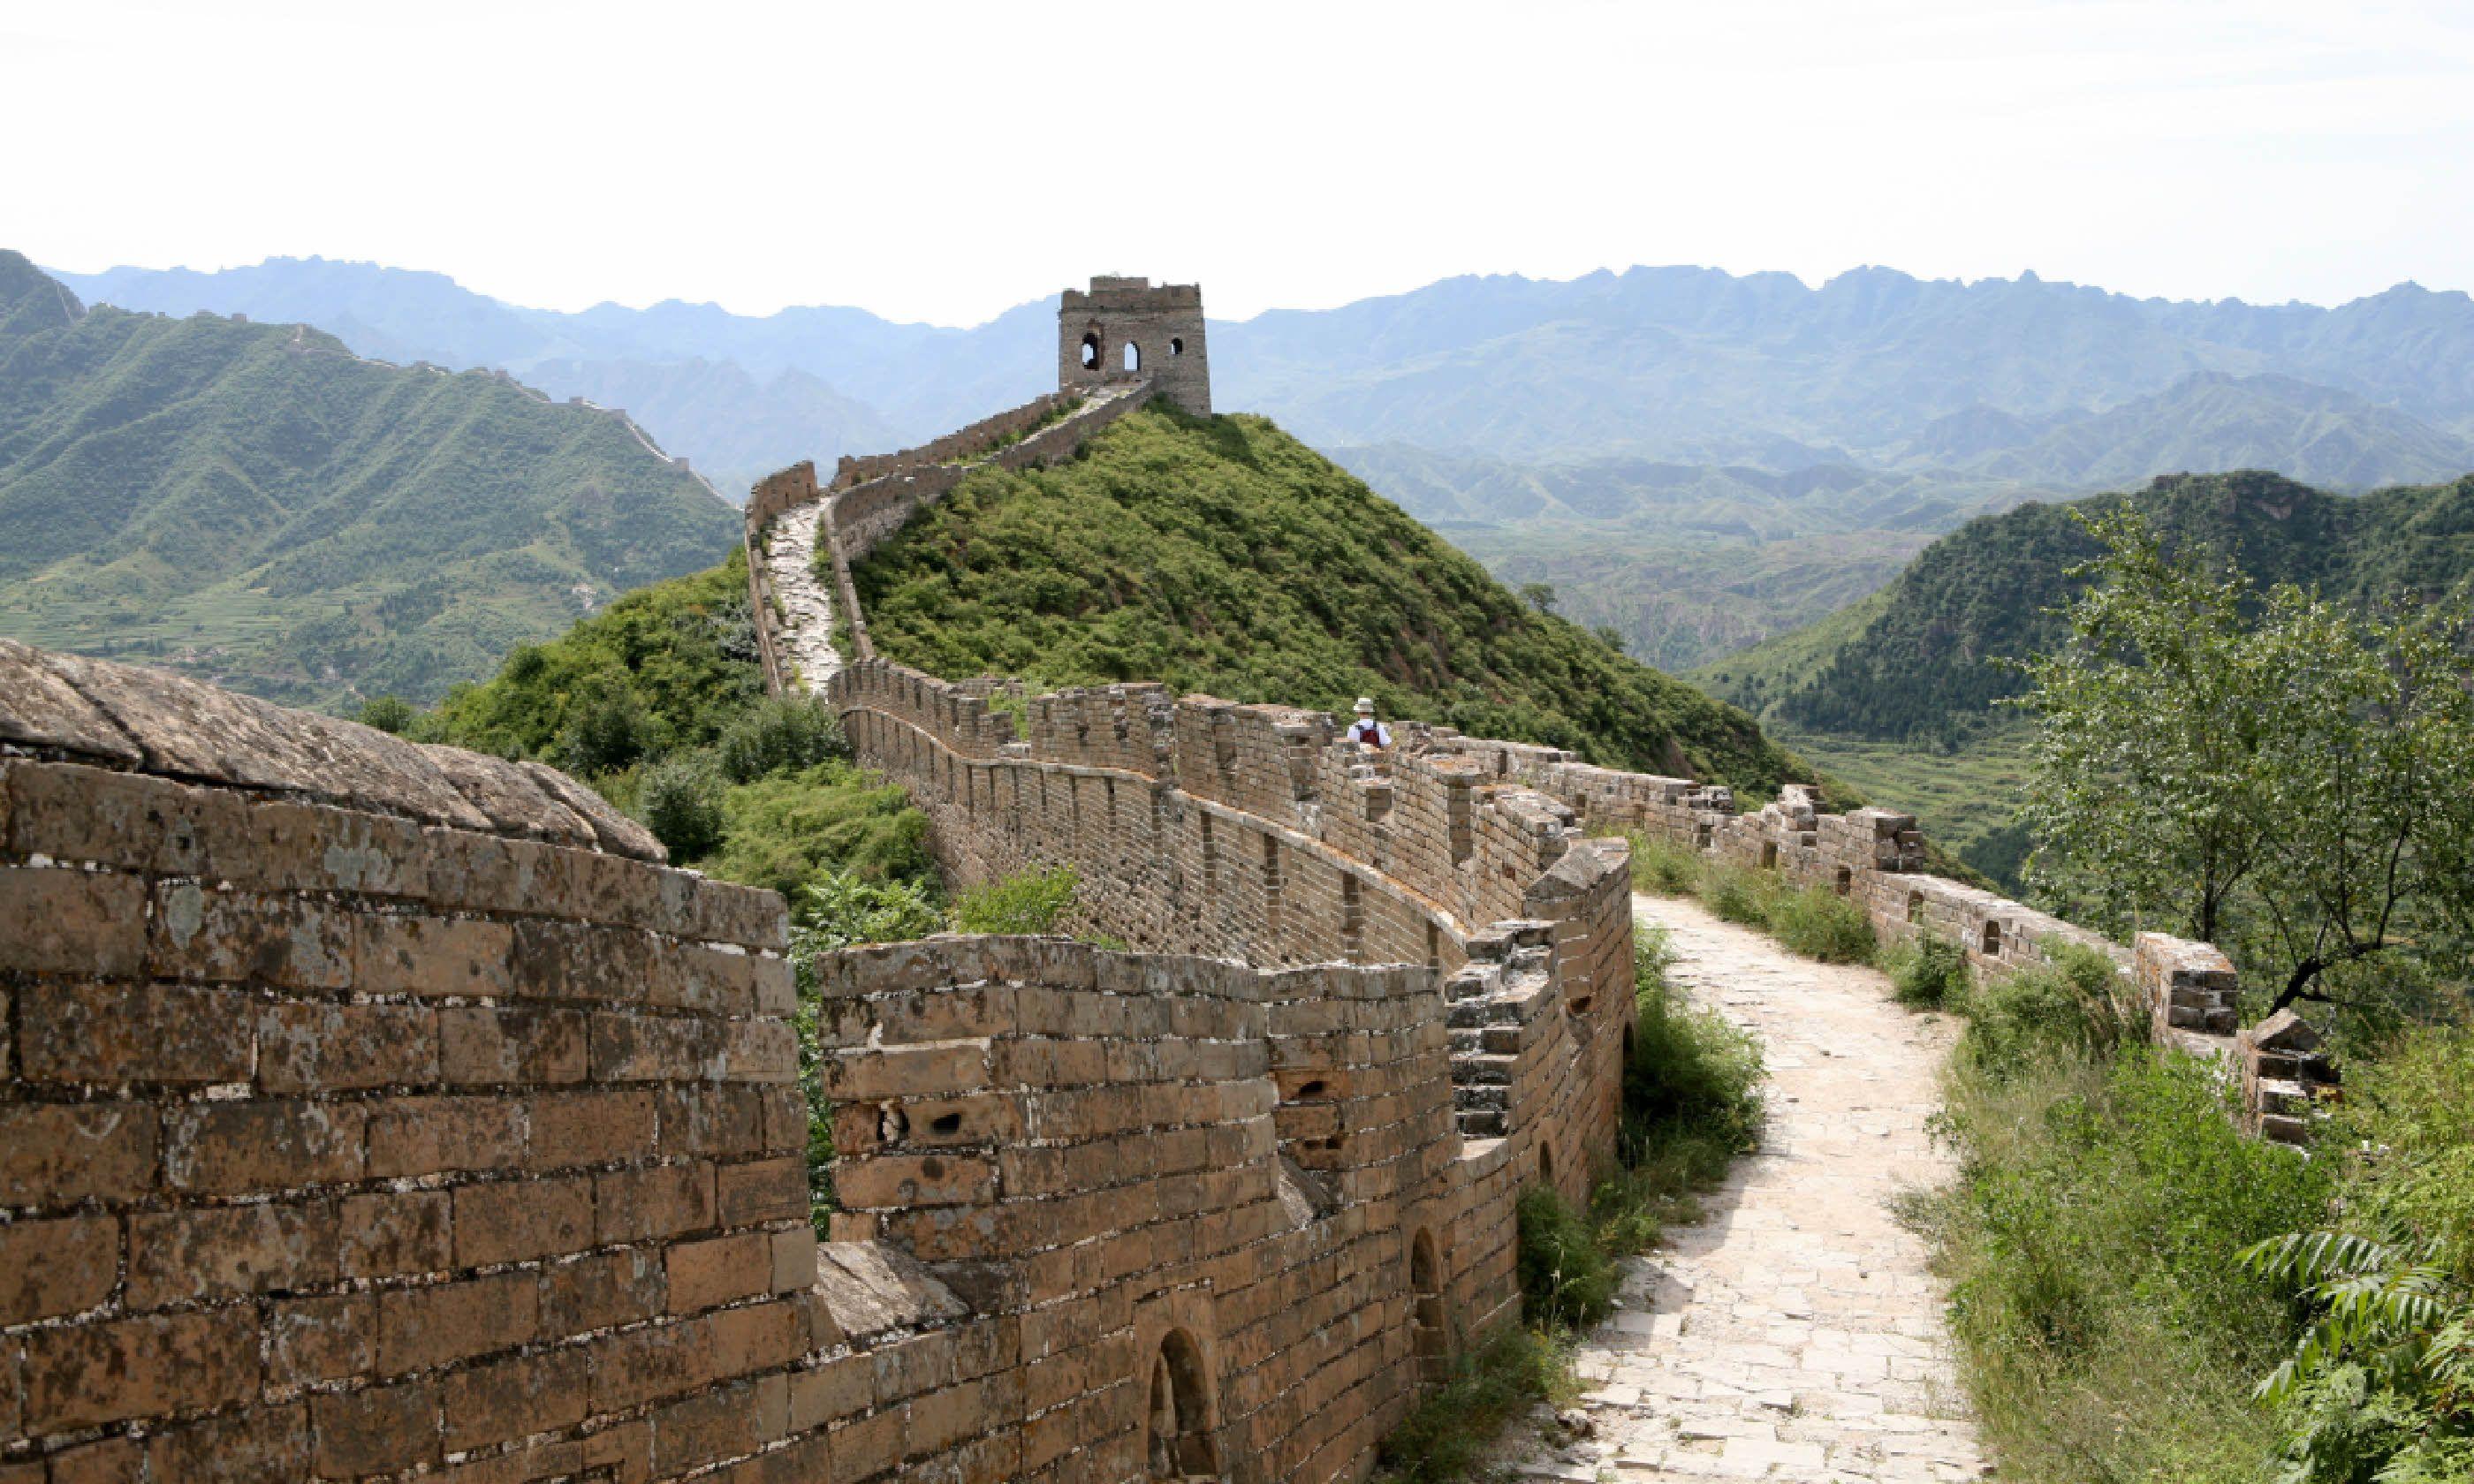 Simatai Great Wall of Bejing (Shutterstock)